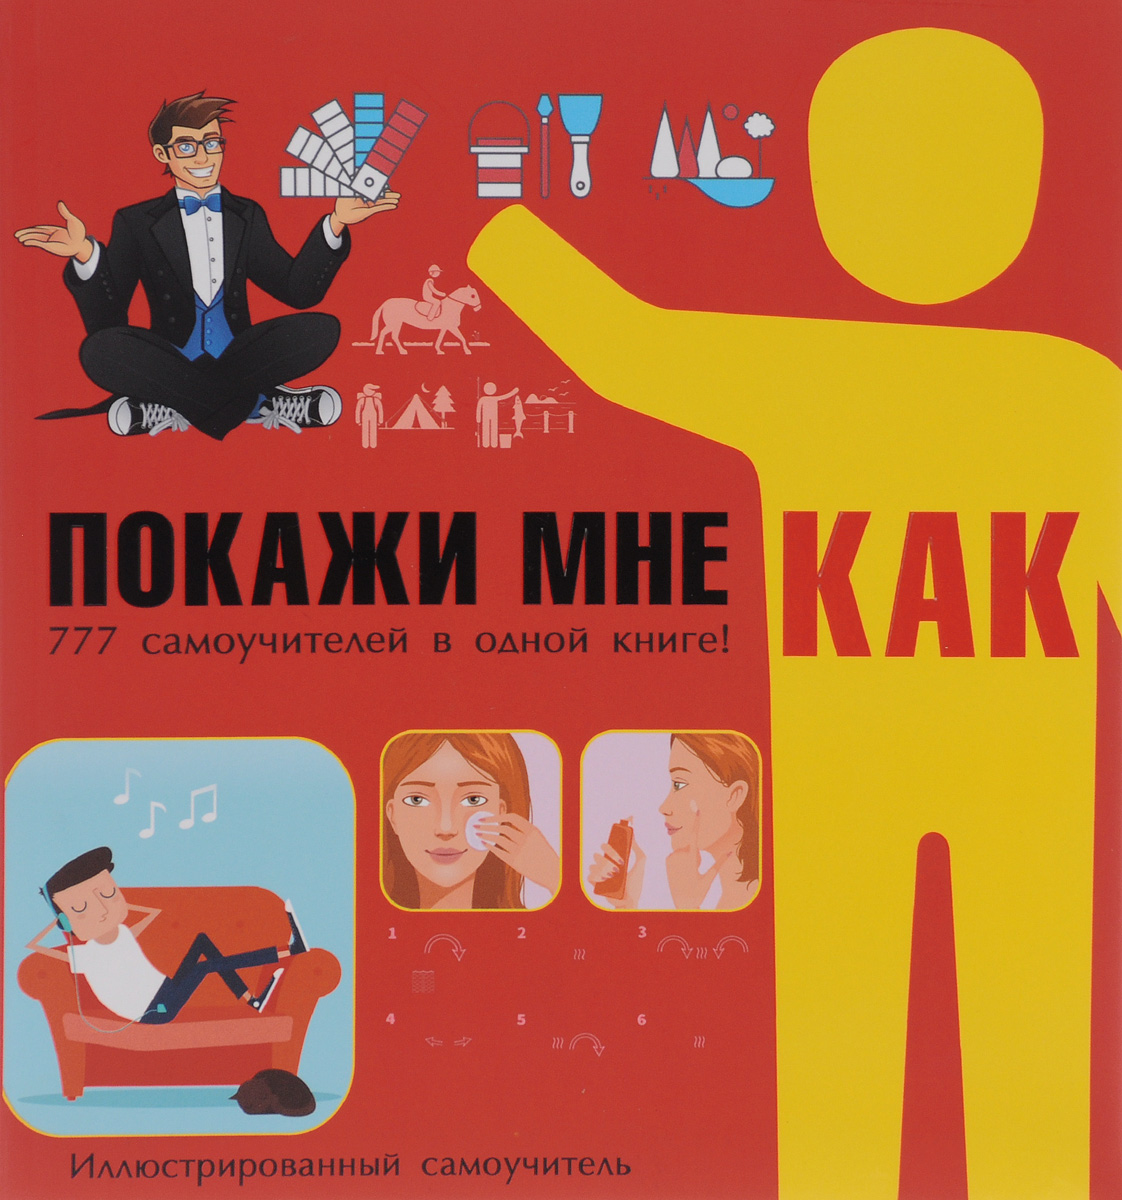 Ксения Аниашвили,Василина Губина,Игорь Гусев Покажи мне как. 777 самоучителей в одной книге!